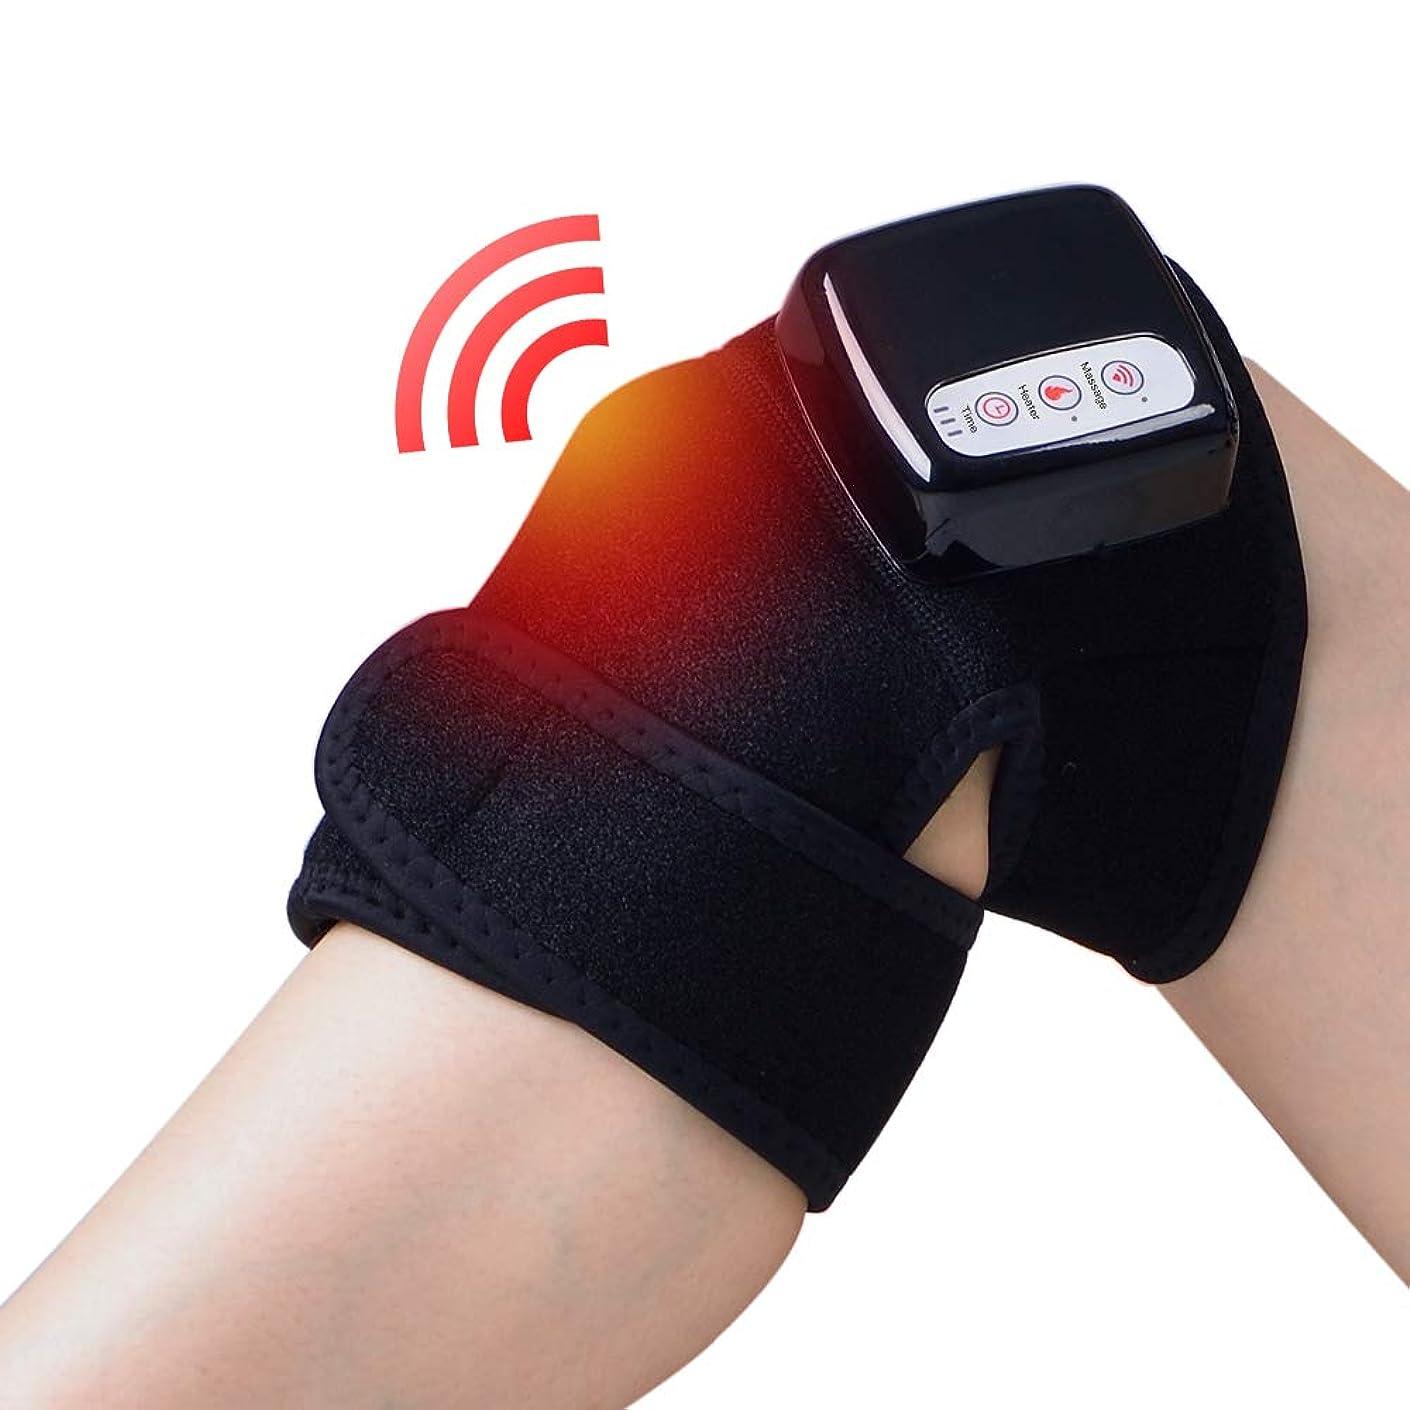 宇宙のできた中国Chuangyue 膝関節加熱マッサージ マッサージ器 フットマッサージャー ひざ マッサージャー 振動 赤外線療法 温熱療法 膝サポーター ストレス解消 膝マット 太もも/腕対応